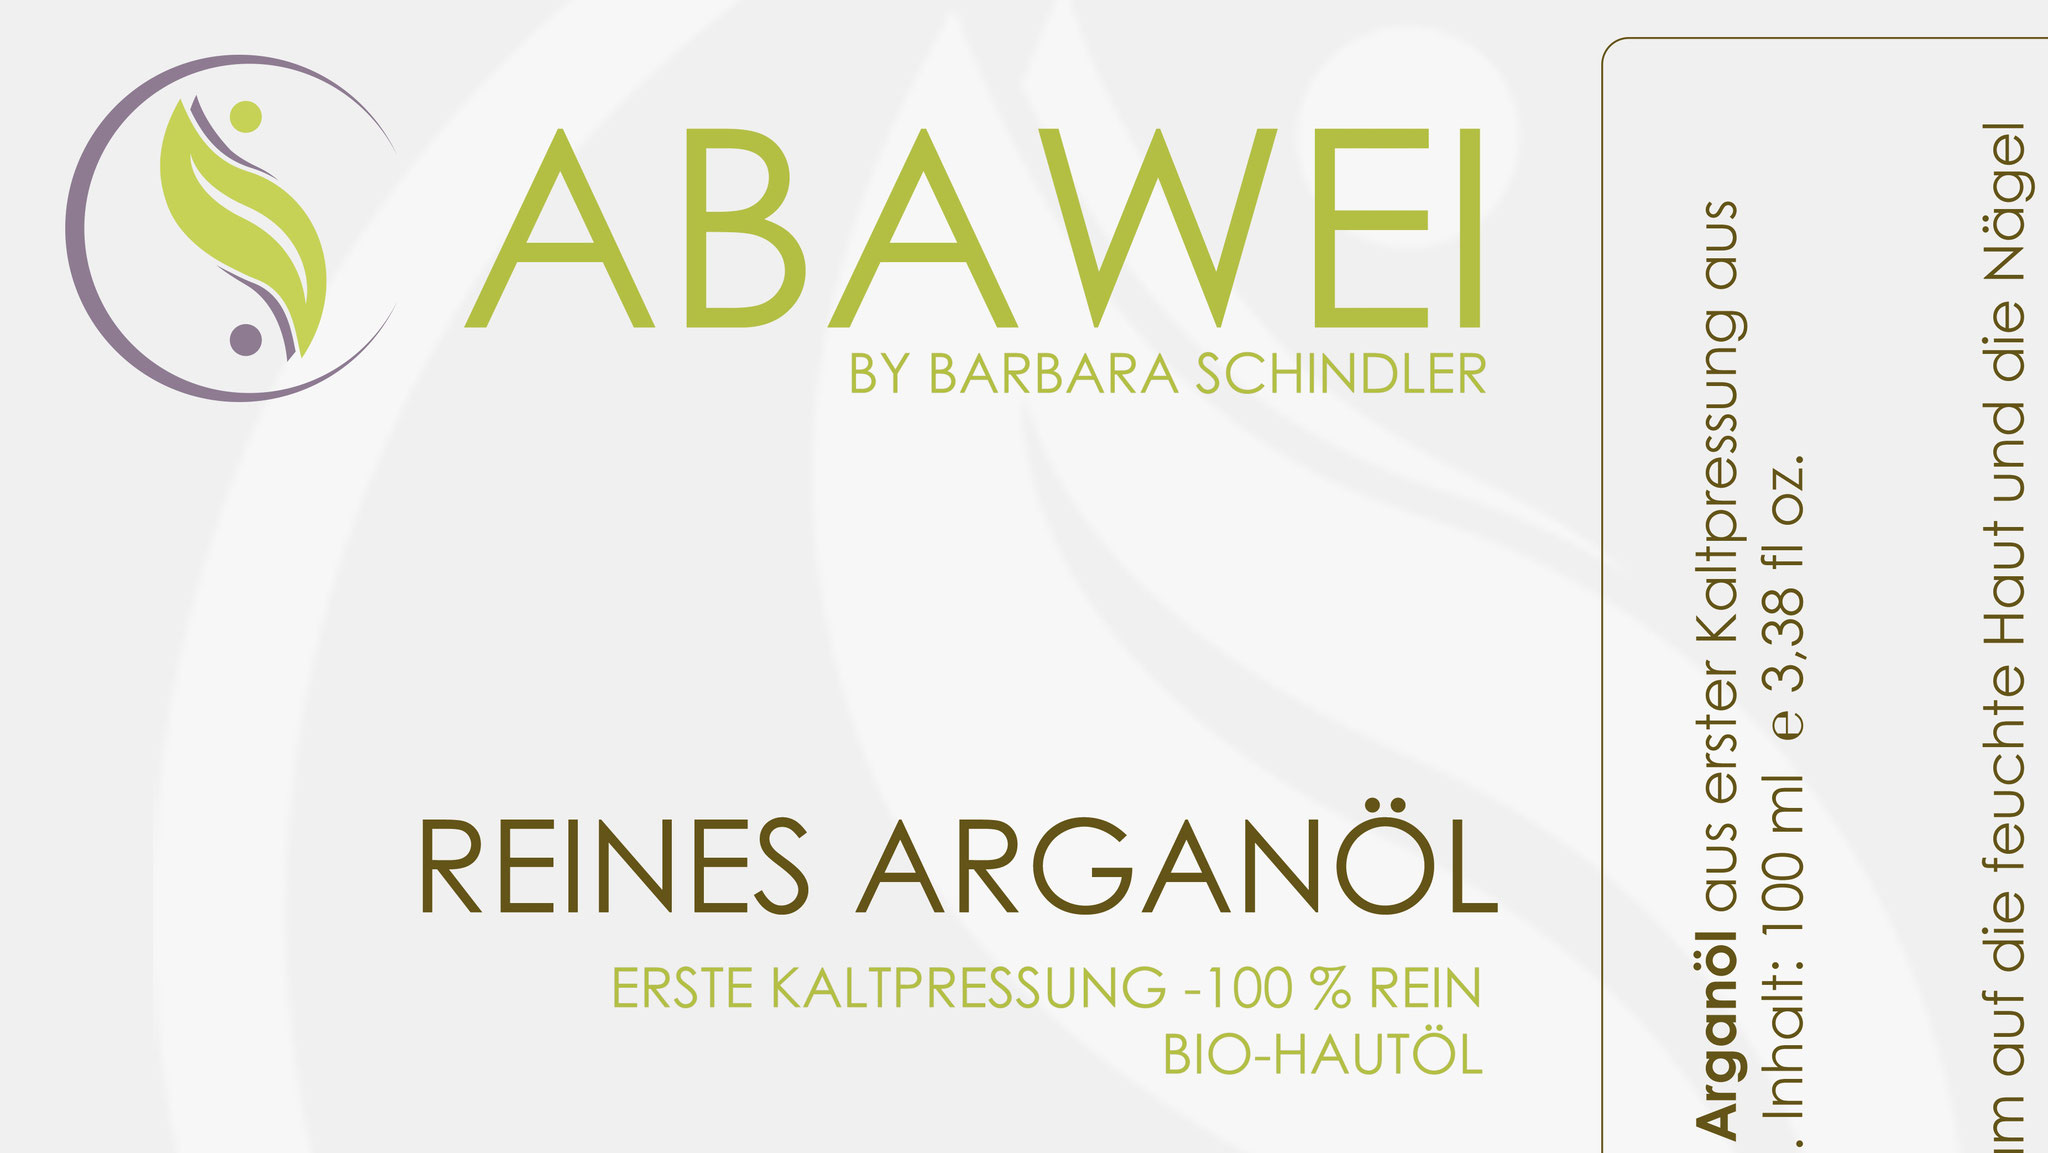 Arganöl von Barbara Schindler. CI, PR und Website von MEDIACLUB